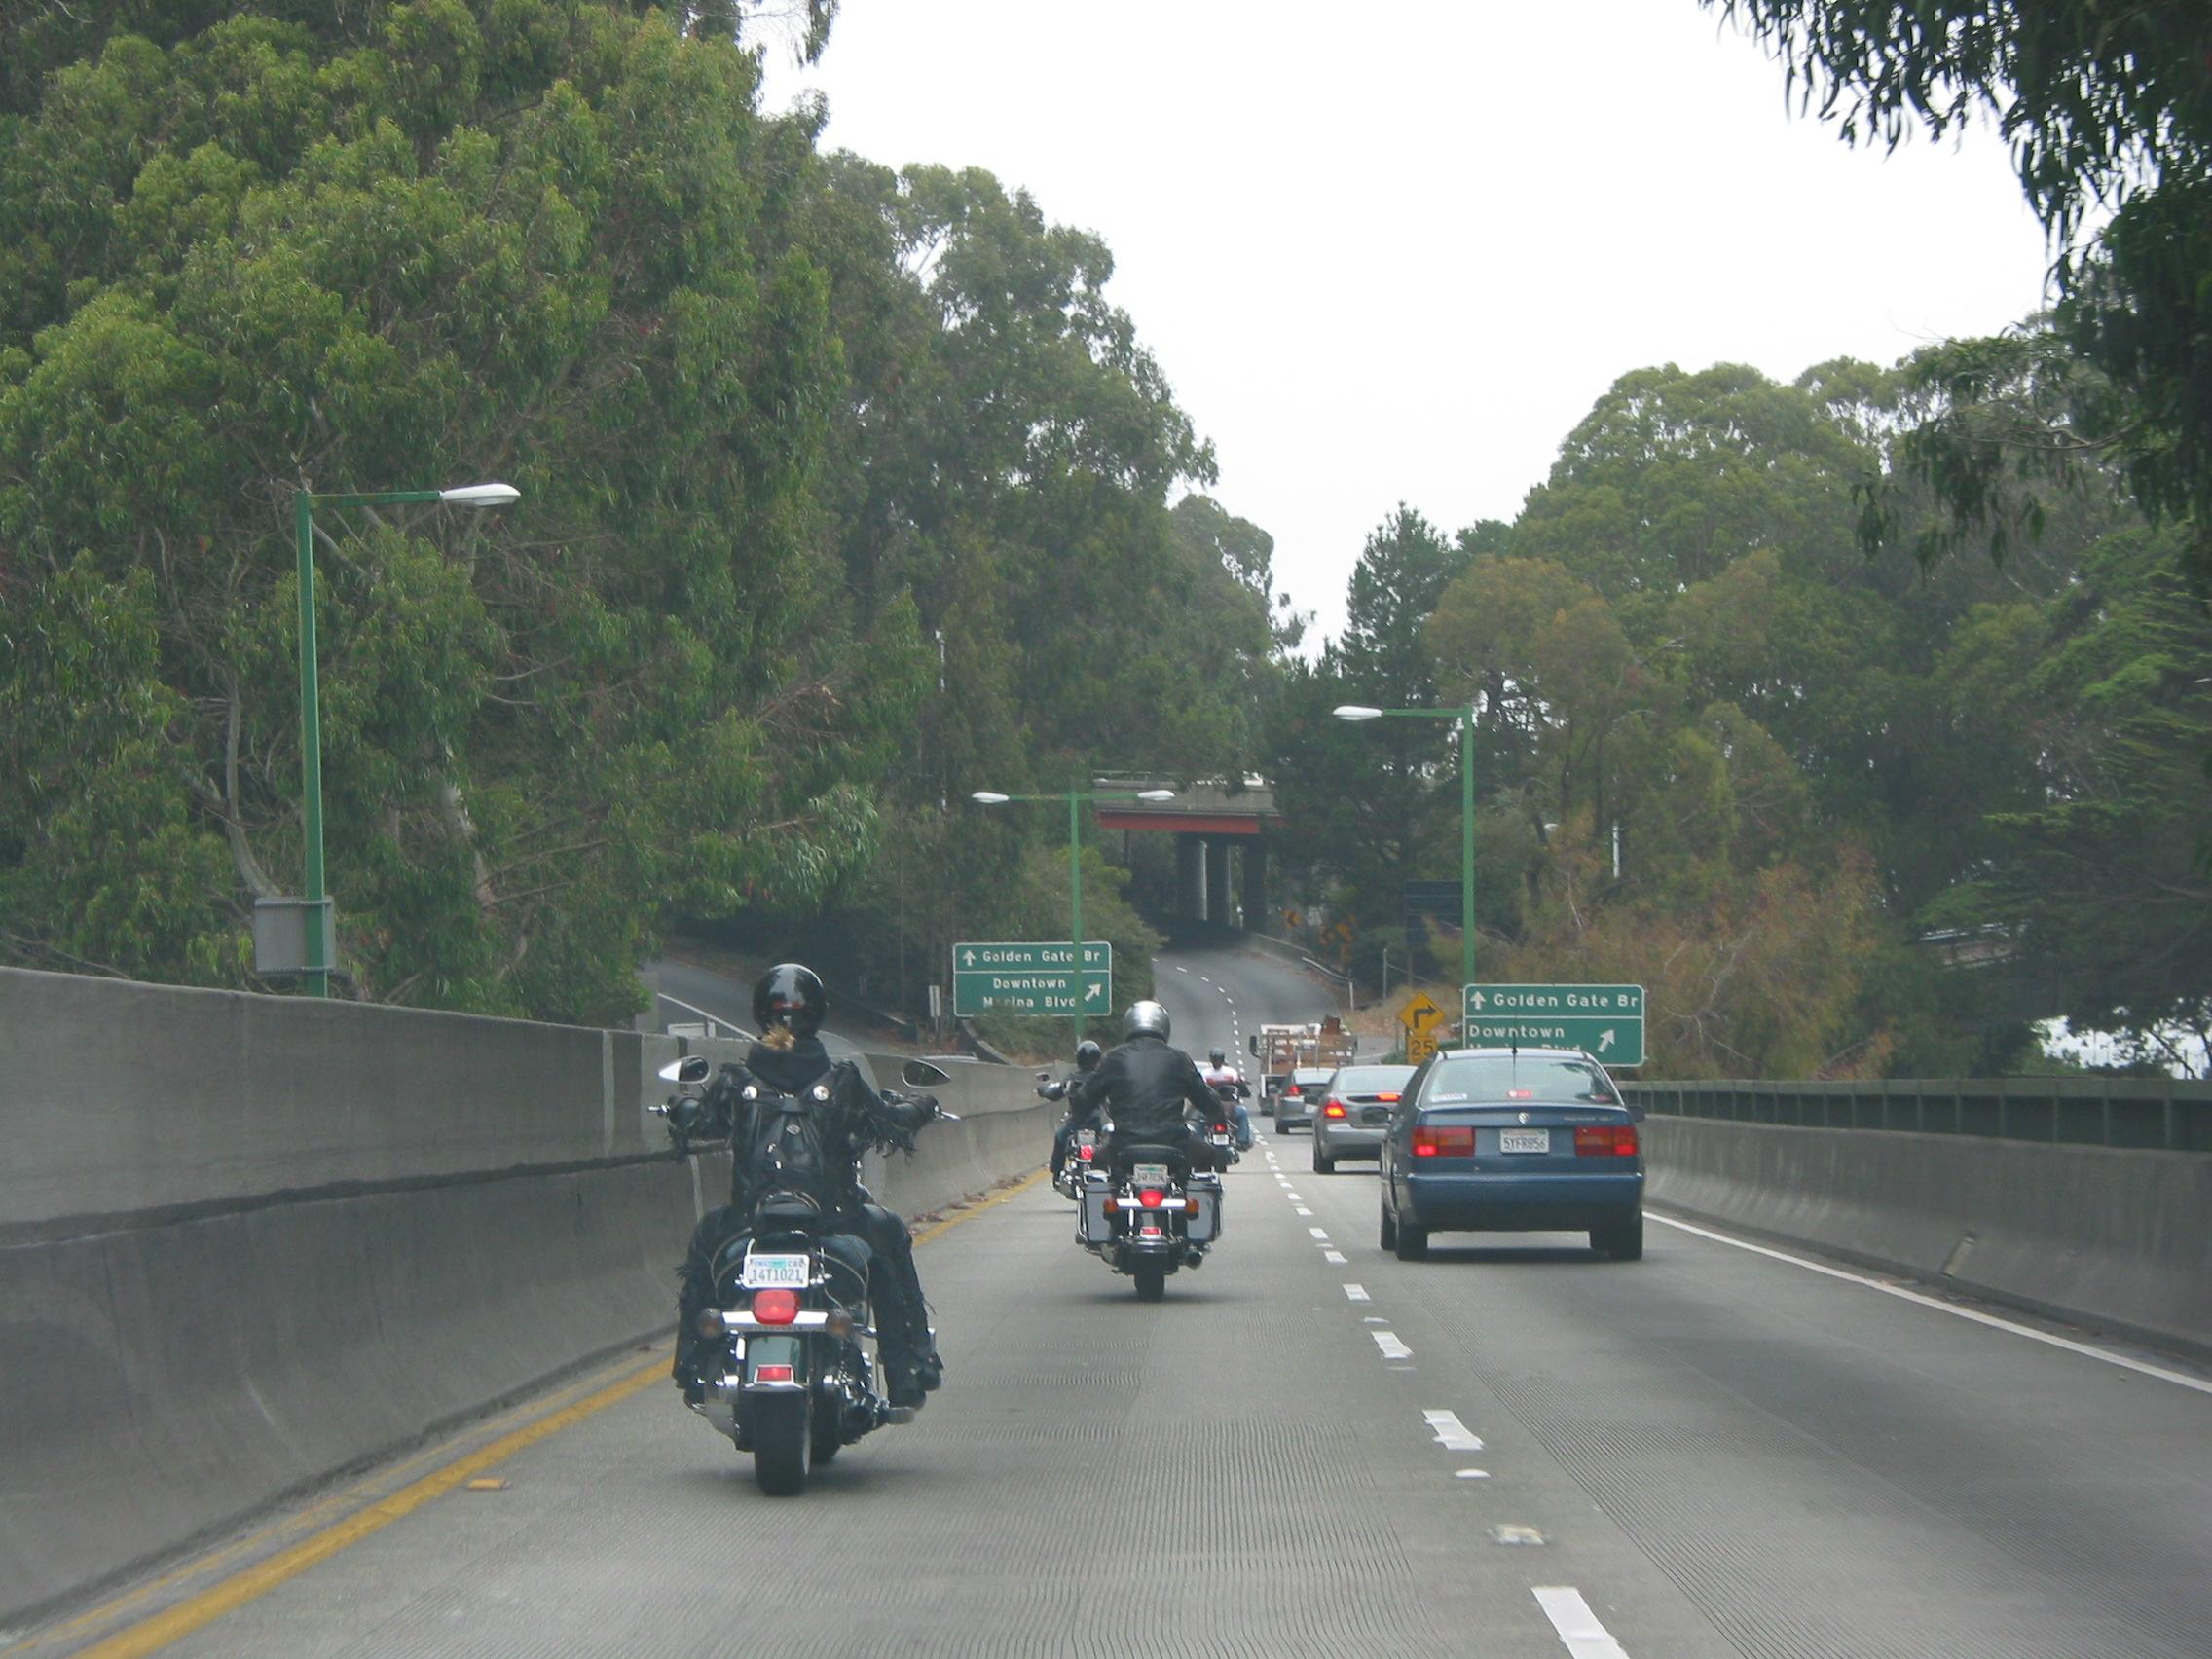 assurance scooter-deux roues sur autoroute